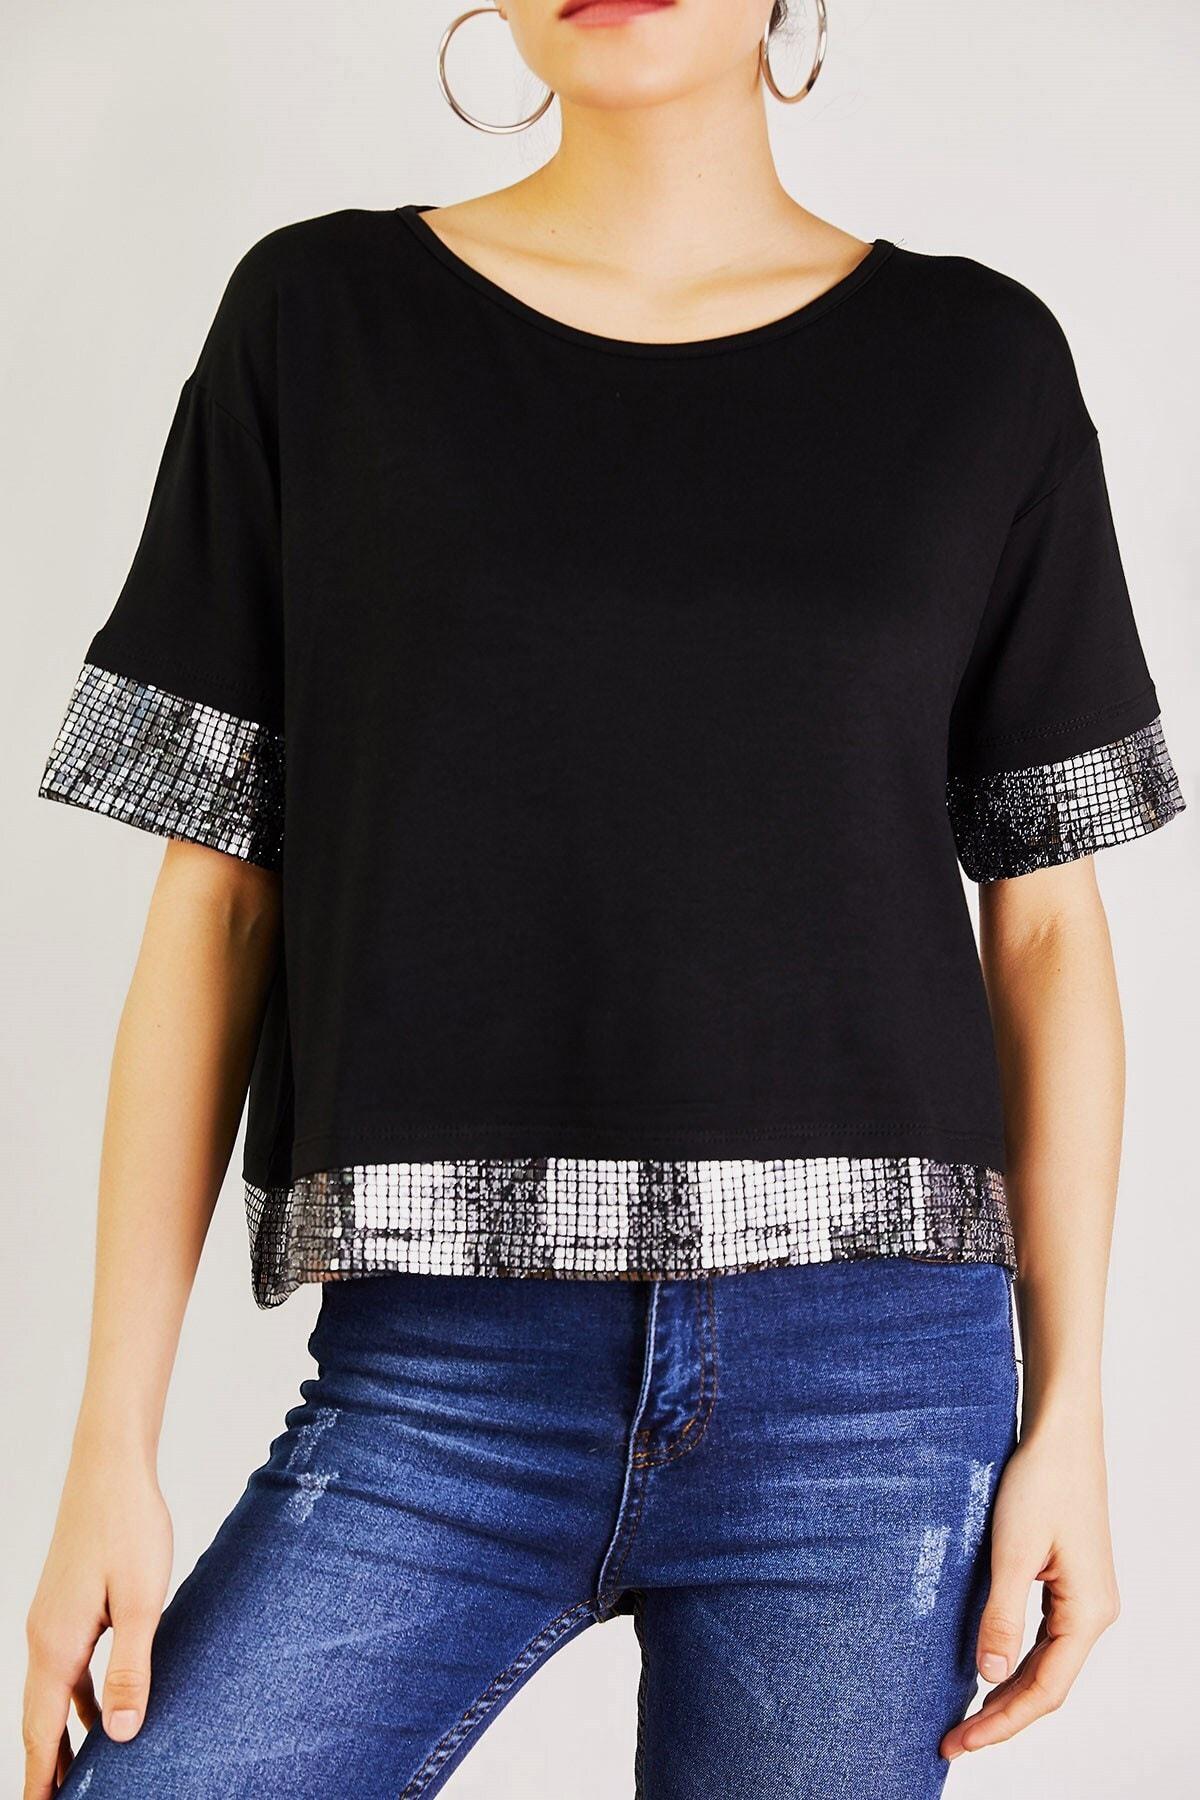 Boutiquen Kadın Siyah Kolu Ve Eteği Payetli Bluz 1227